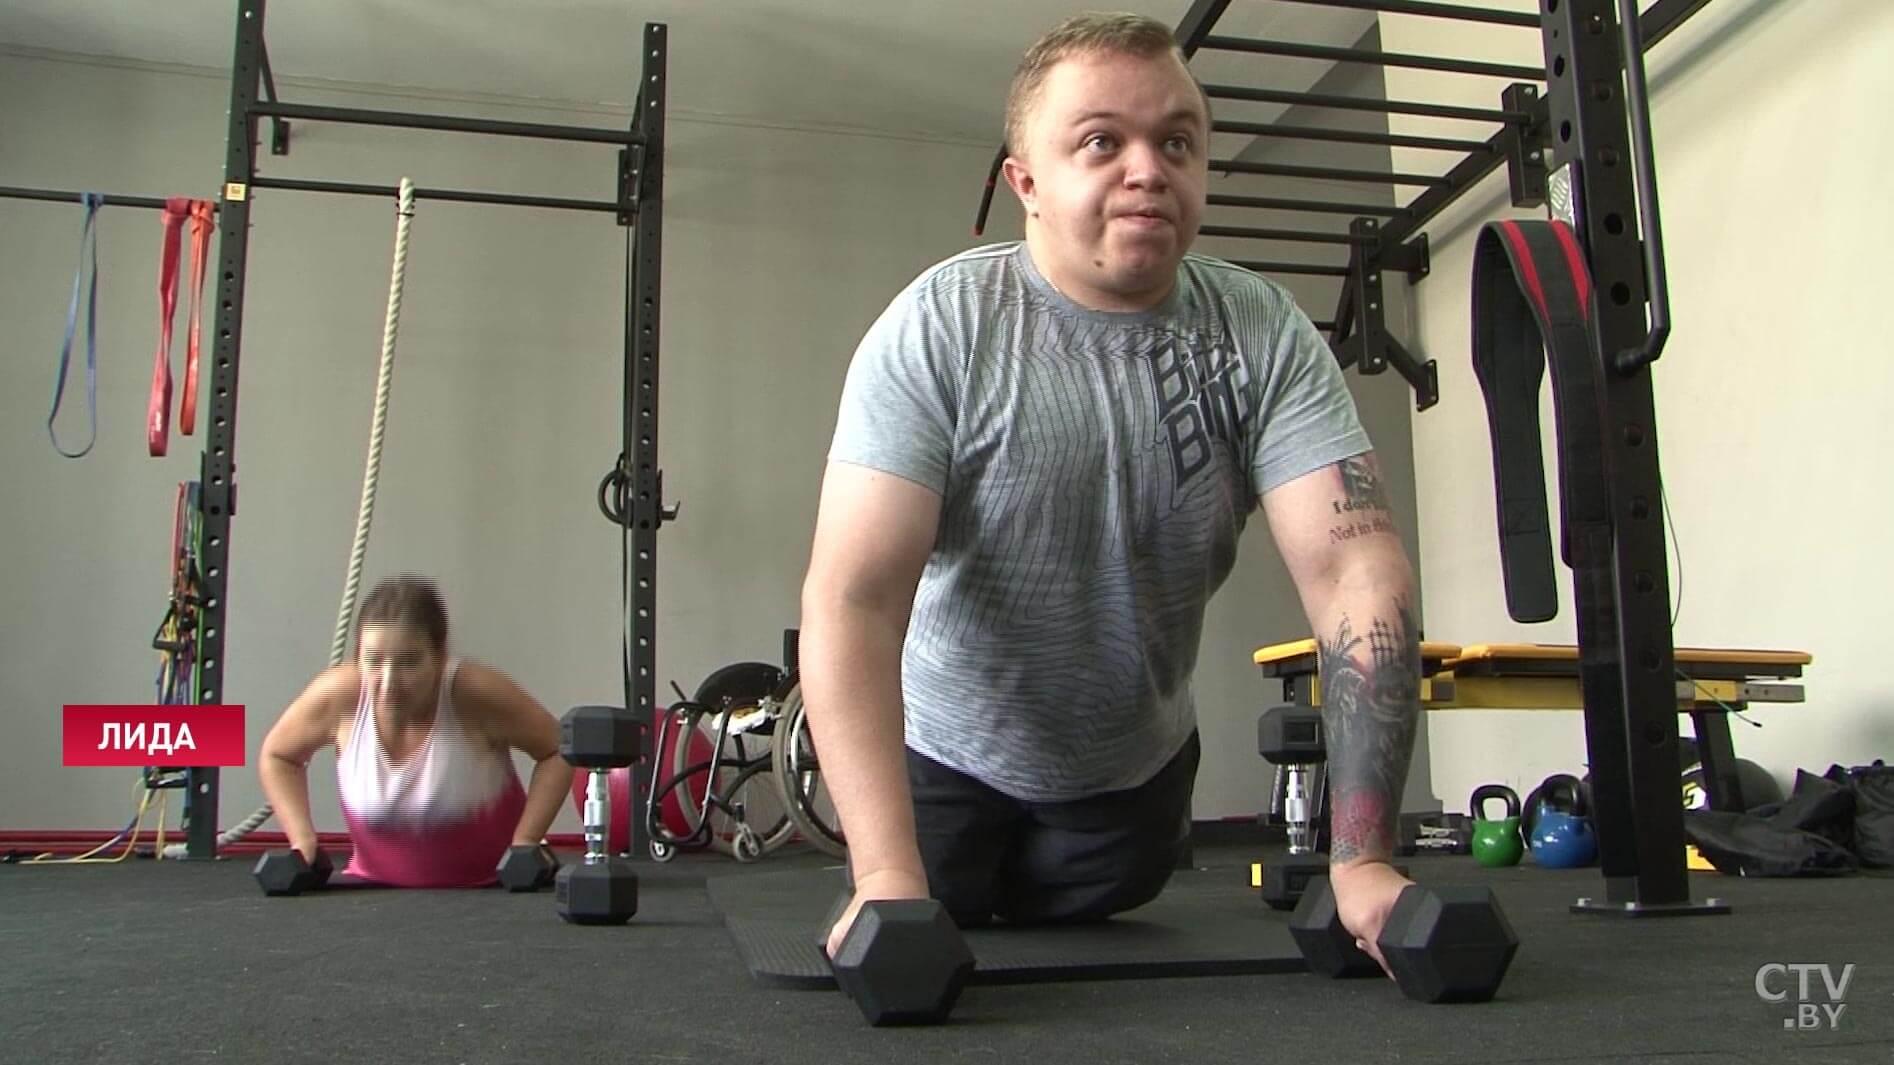 Видеорепортаж из первого в Беларуси инклюзивного зала по кроссфиту в Лиде